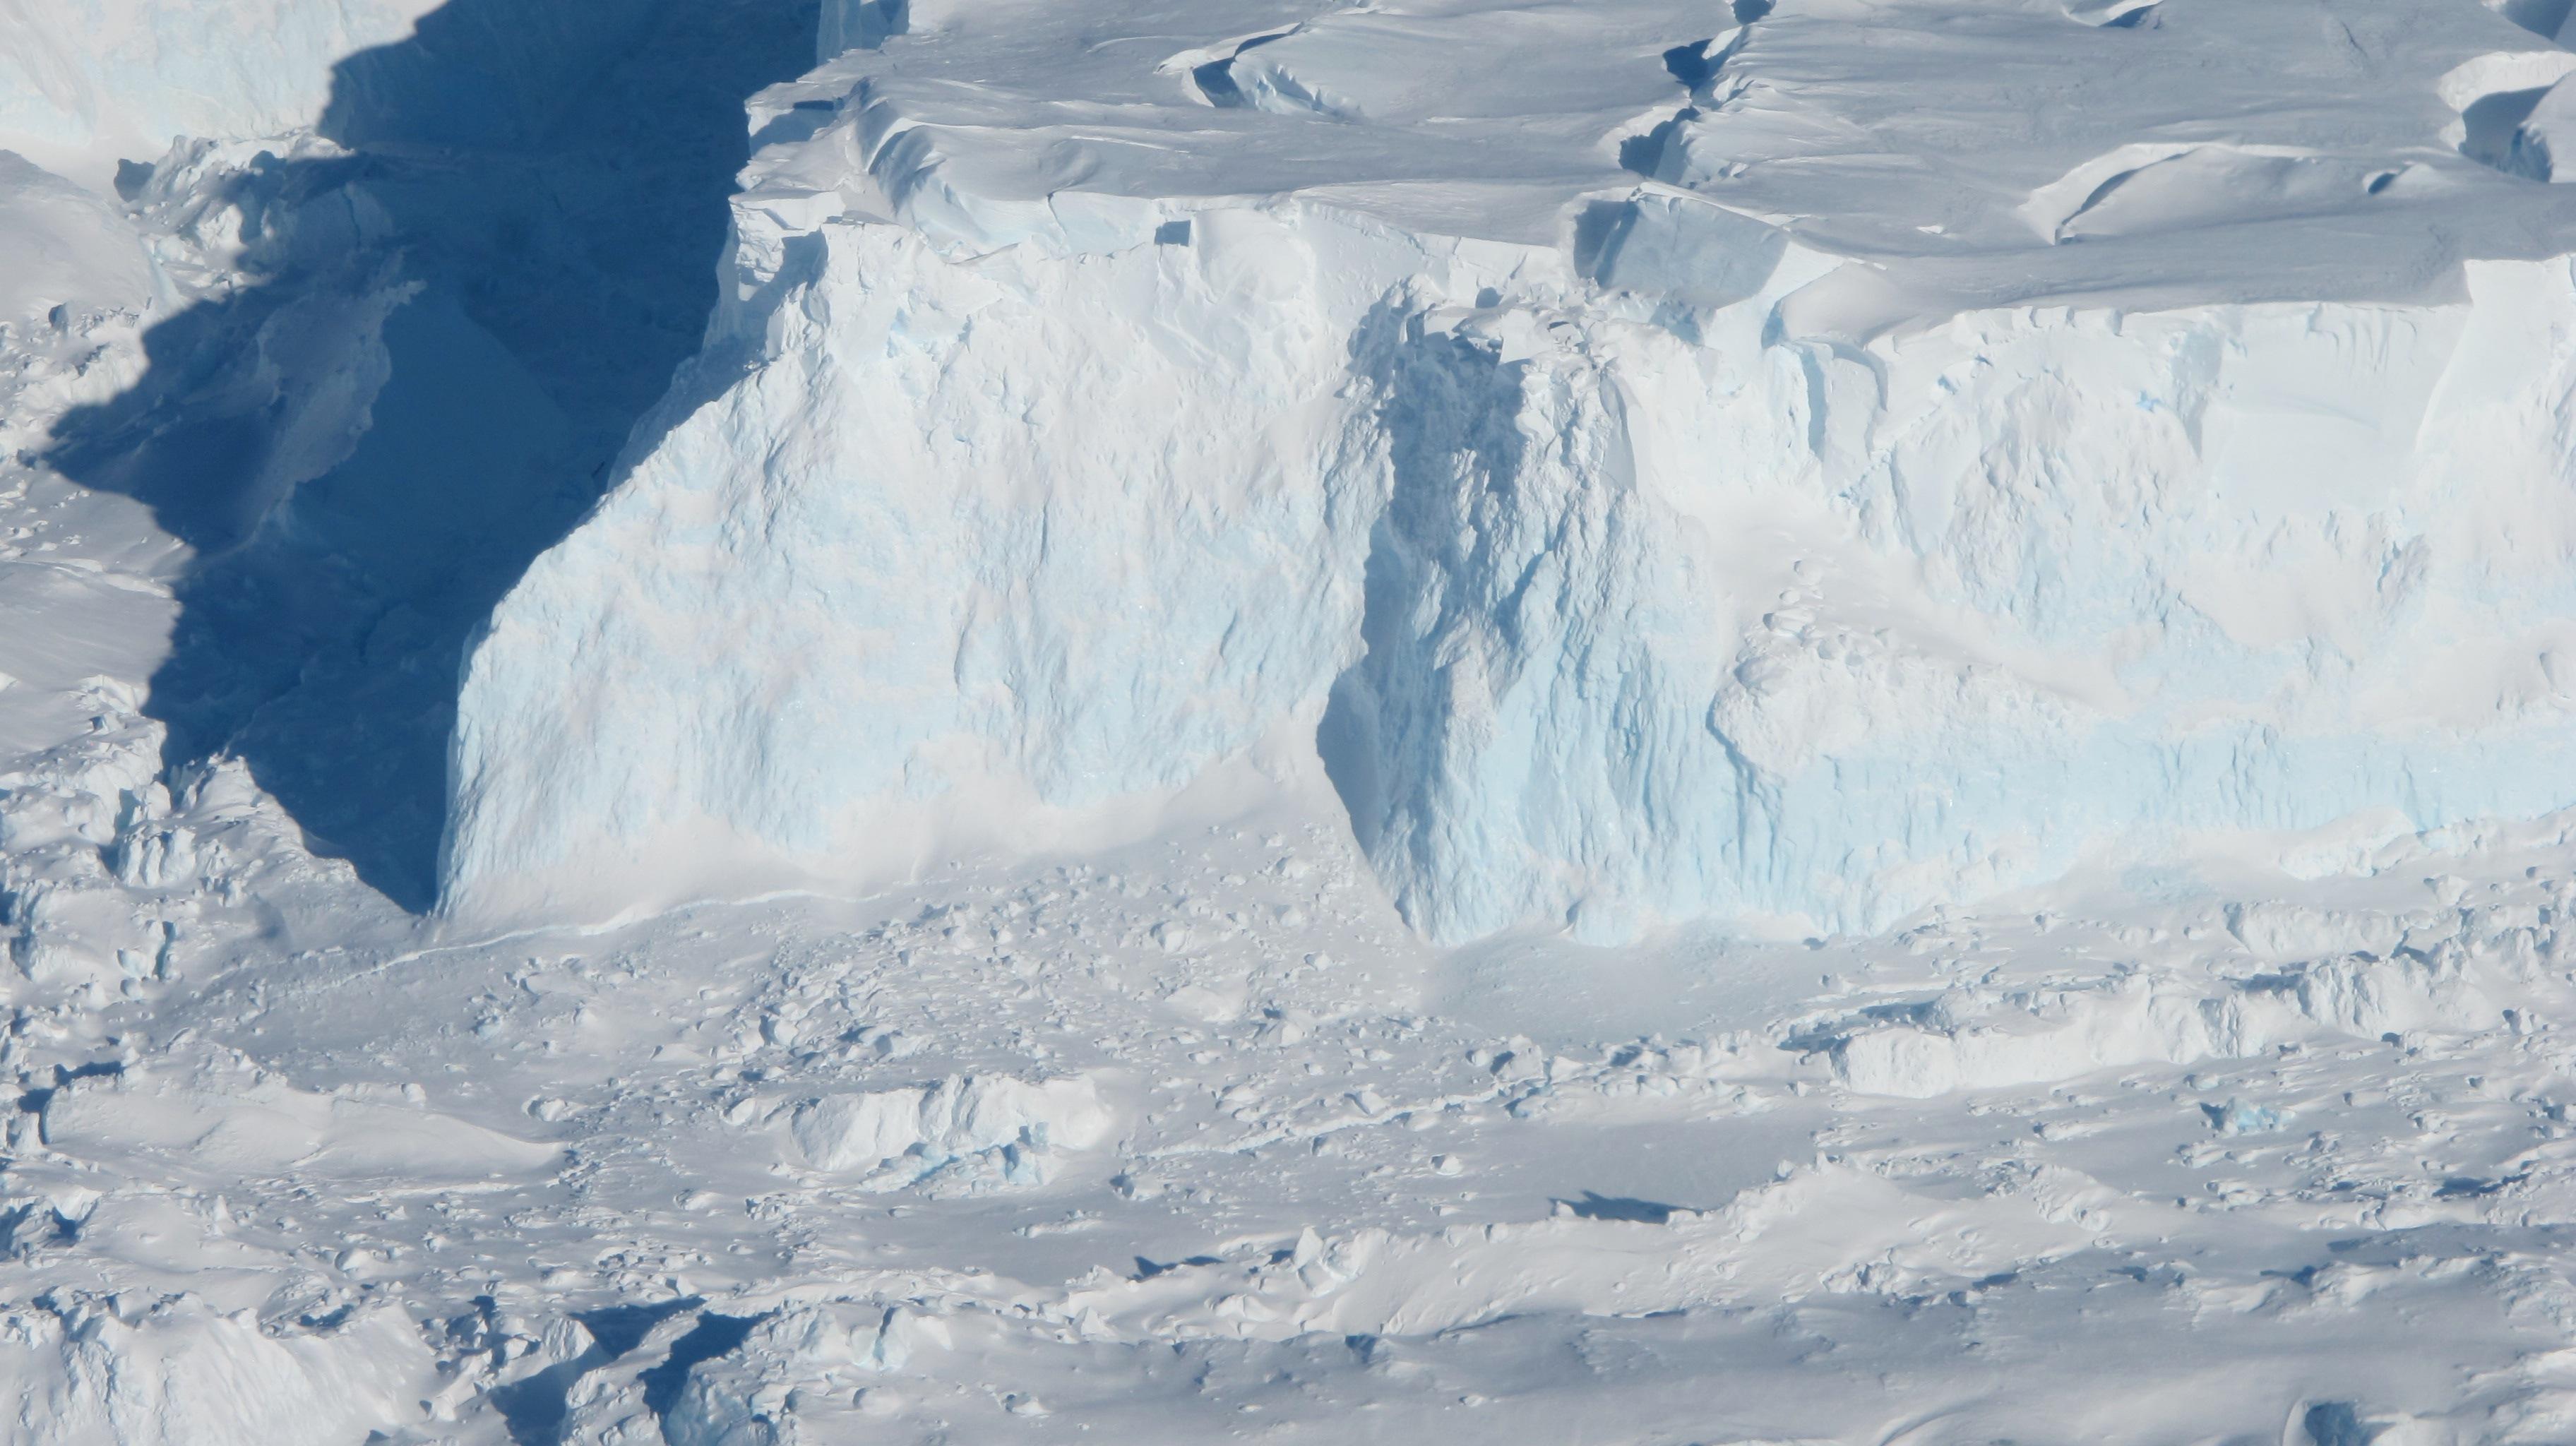 Ледник Туэйтс истончается быстрее, чем считалосьранее